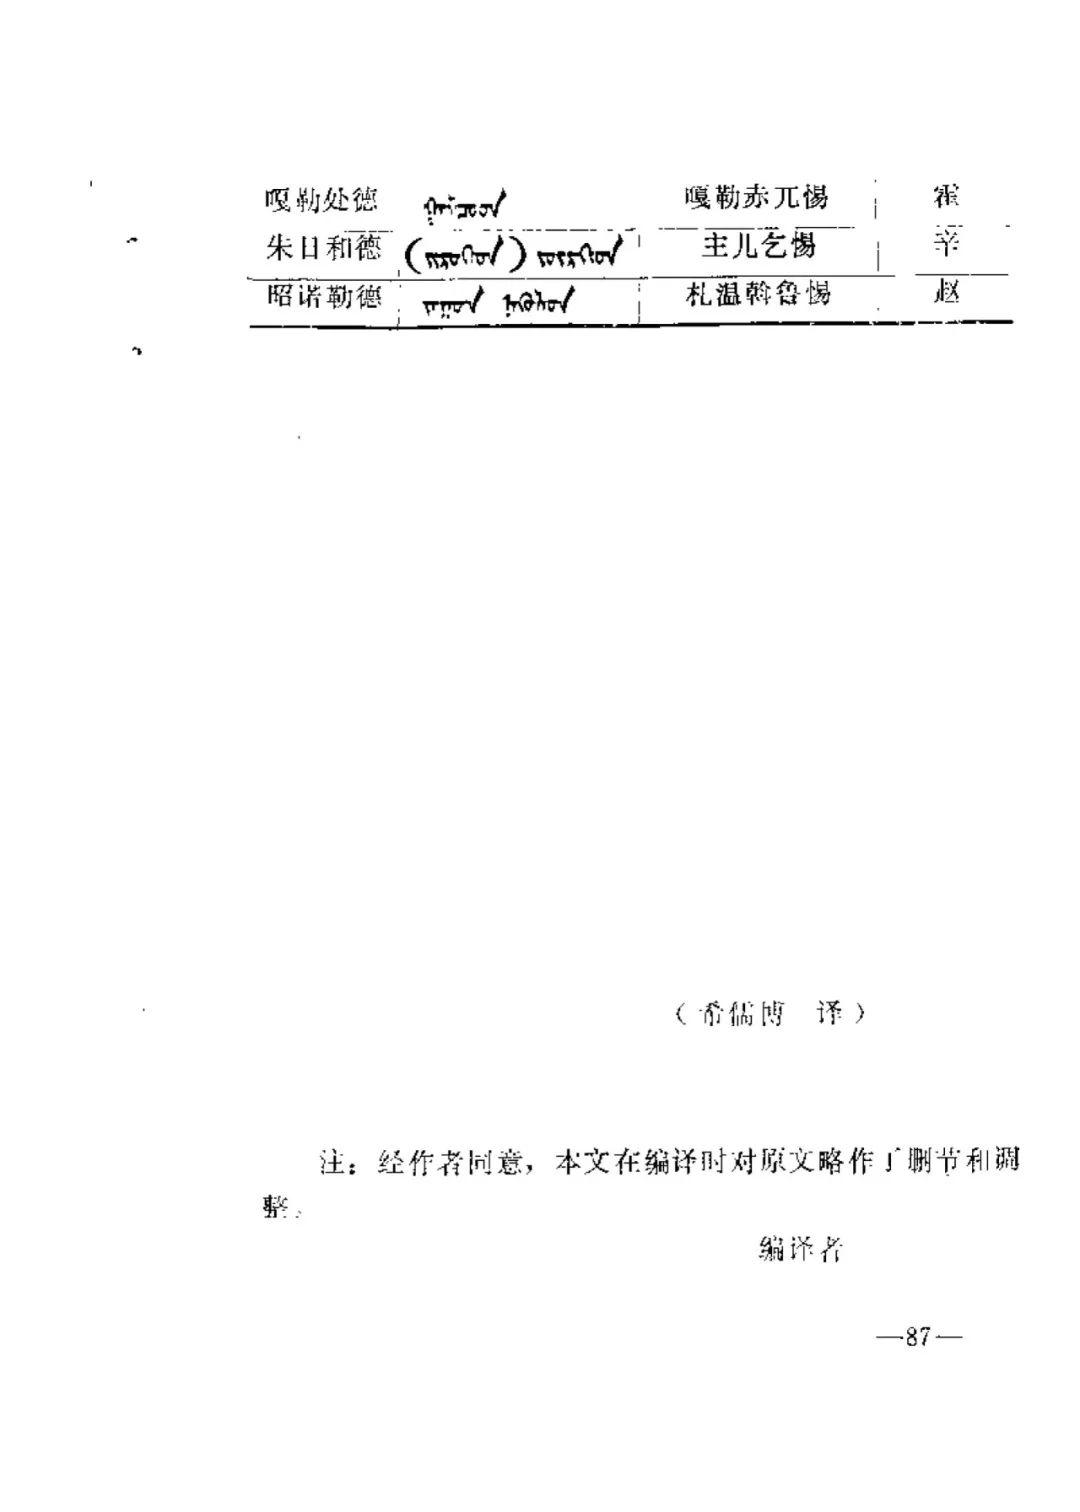 奈曼旗蒙古族姓氏浅解 第7张